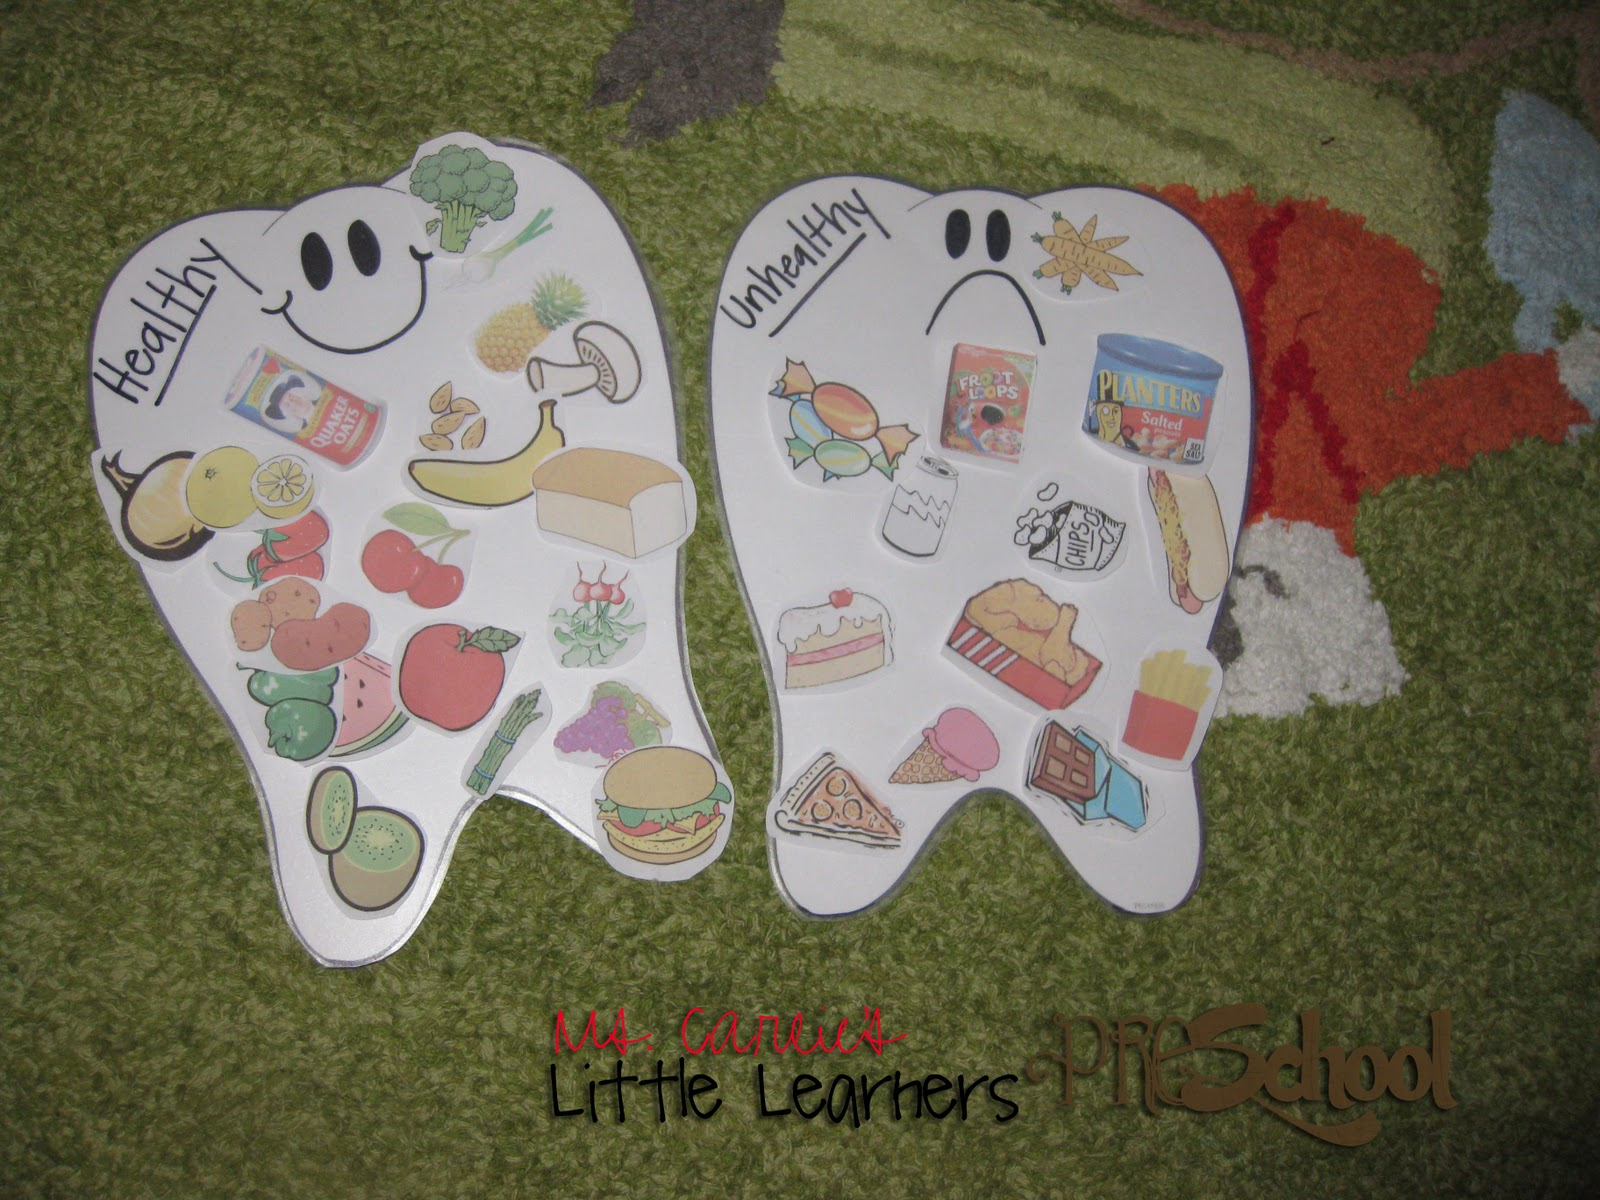 Ms Carlie S Little Learners Preschool February Week Four